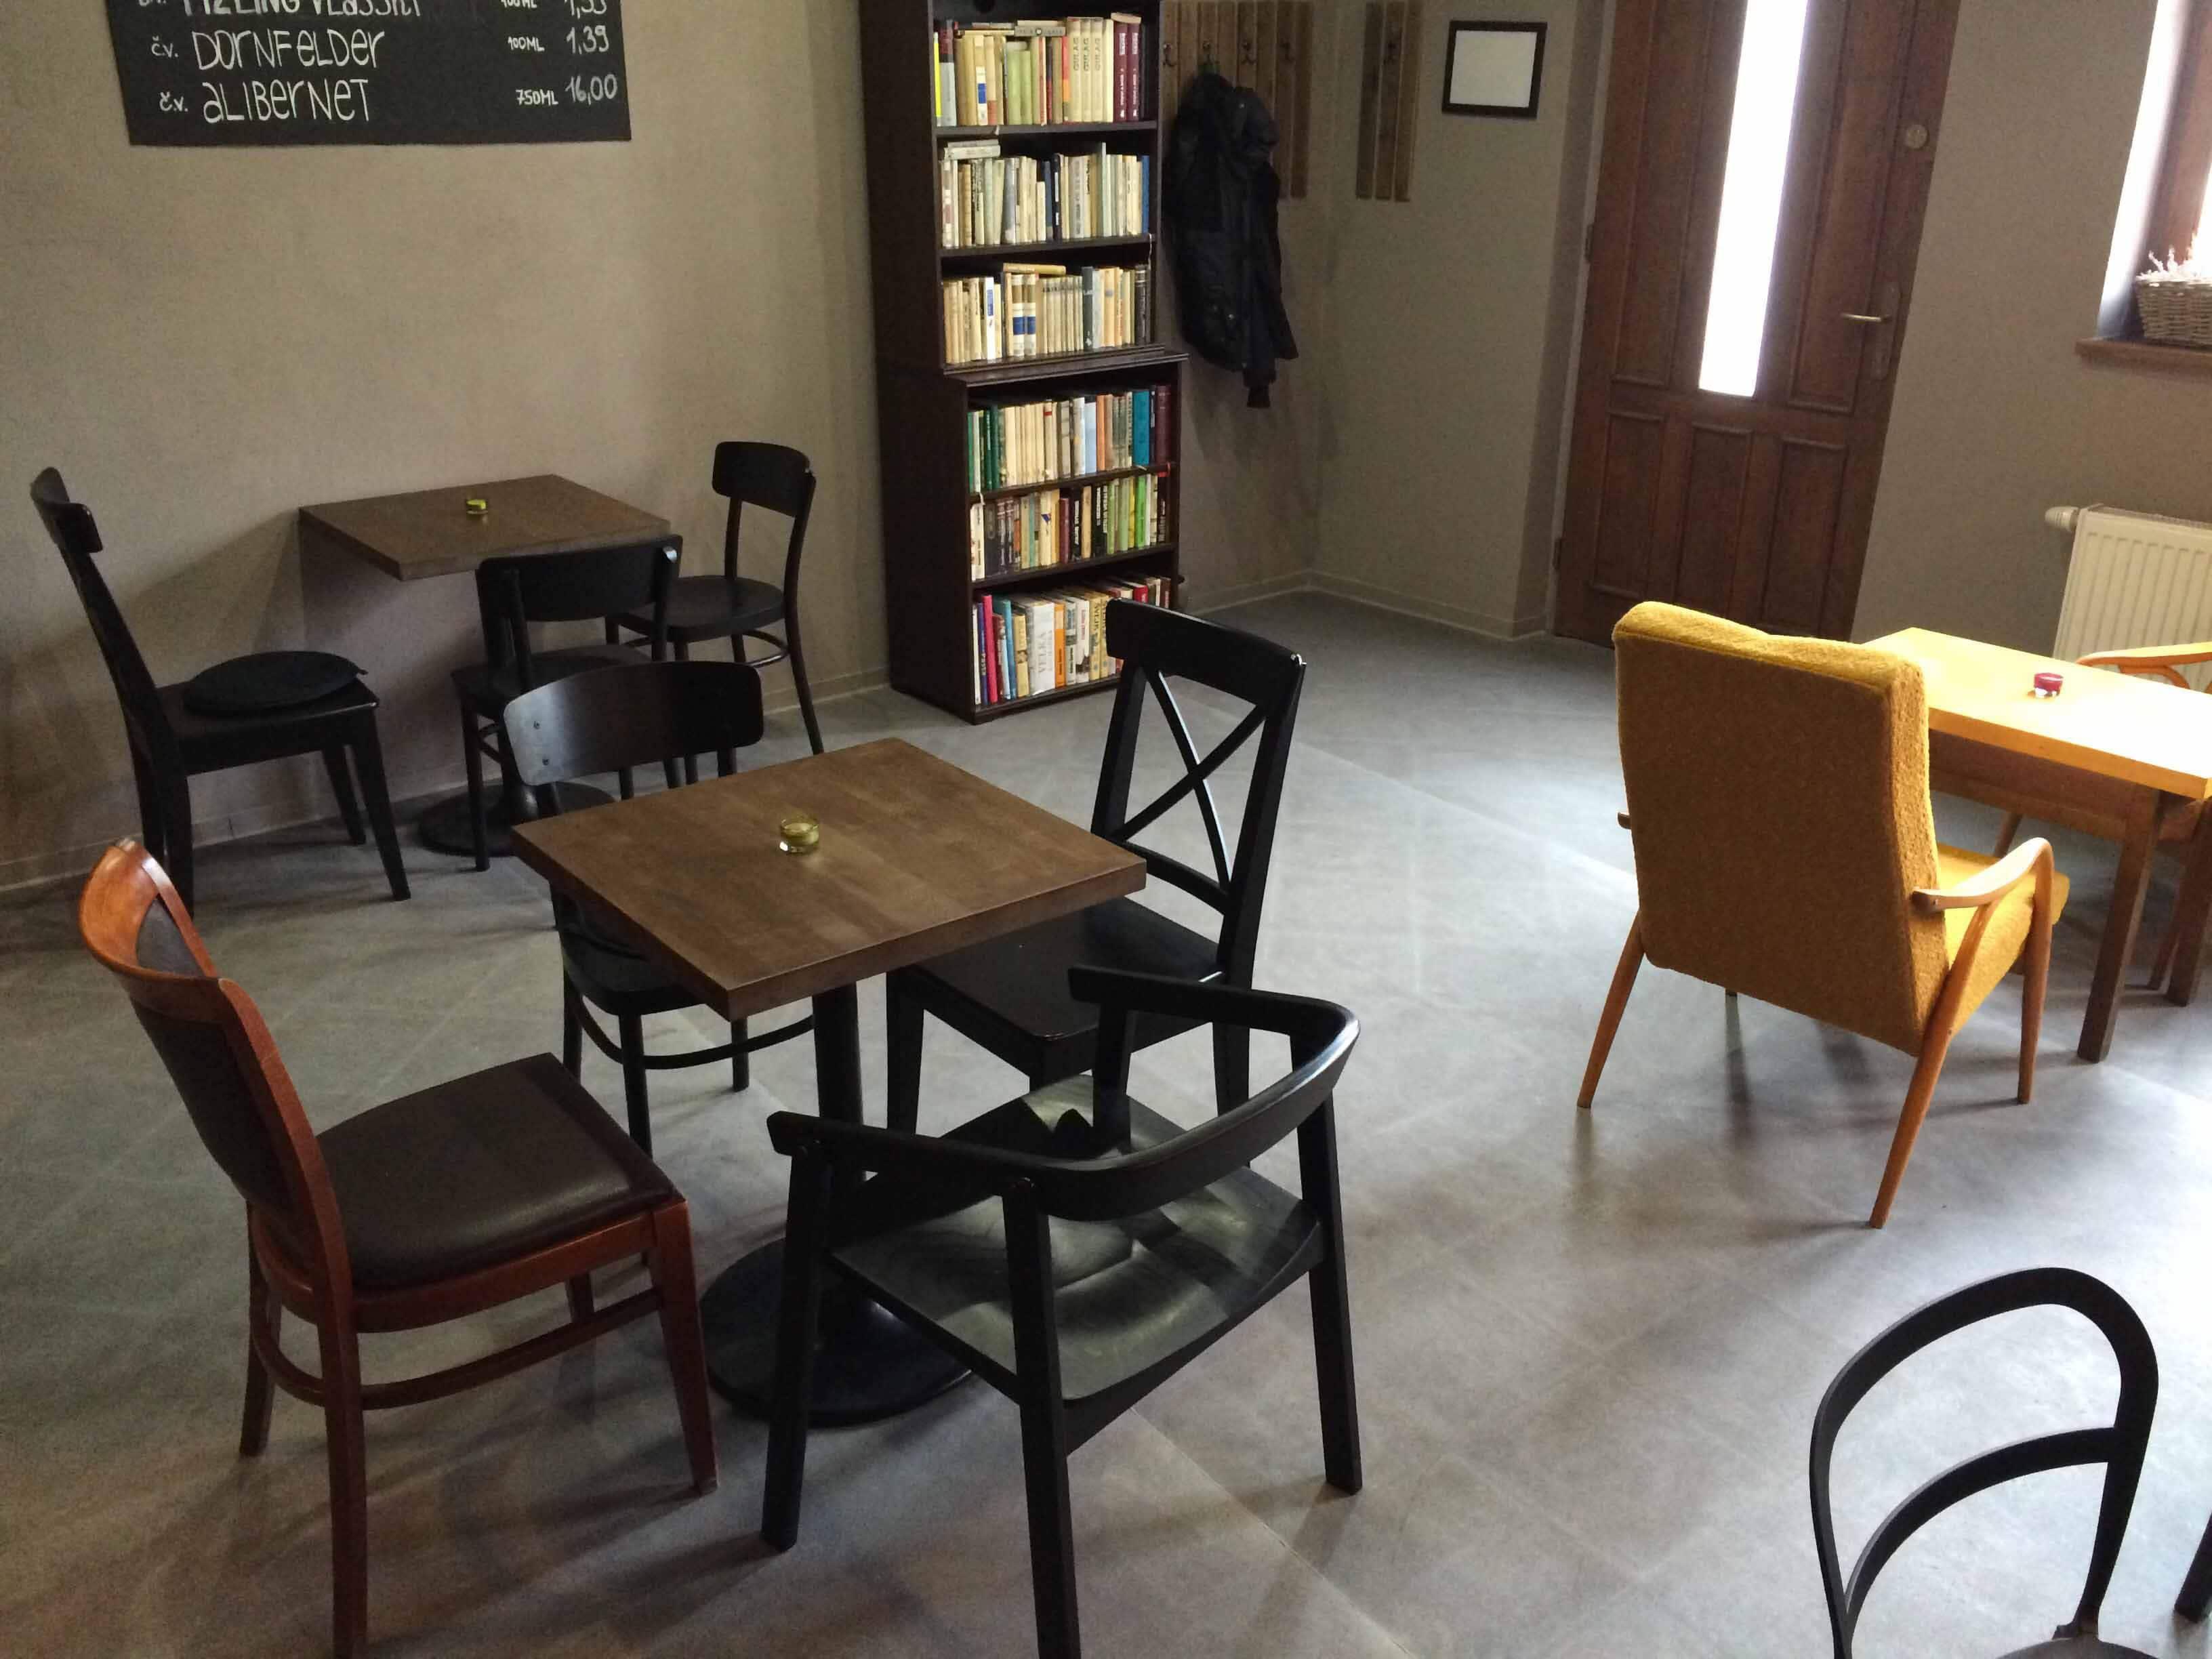 Zoznamka kaviareň testbericht